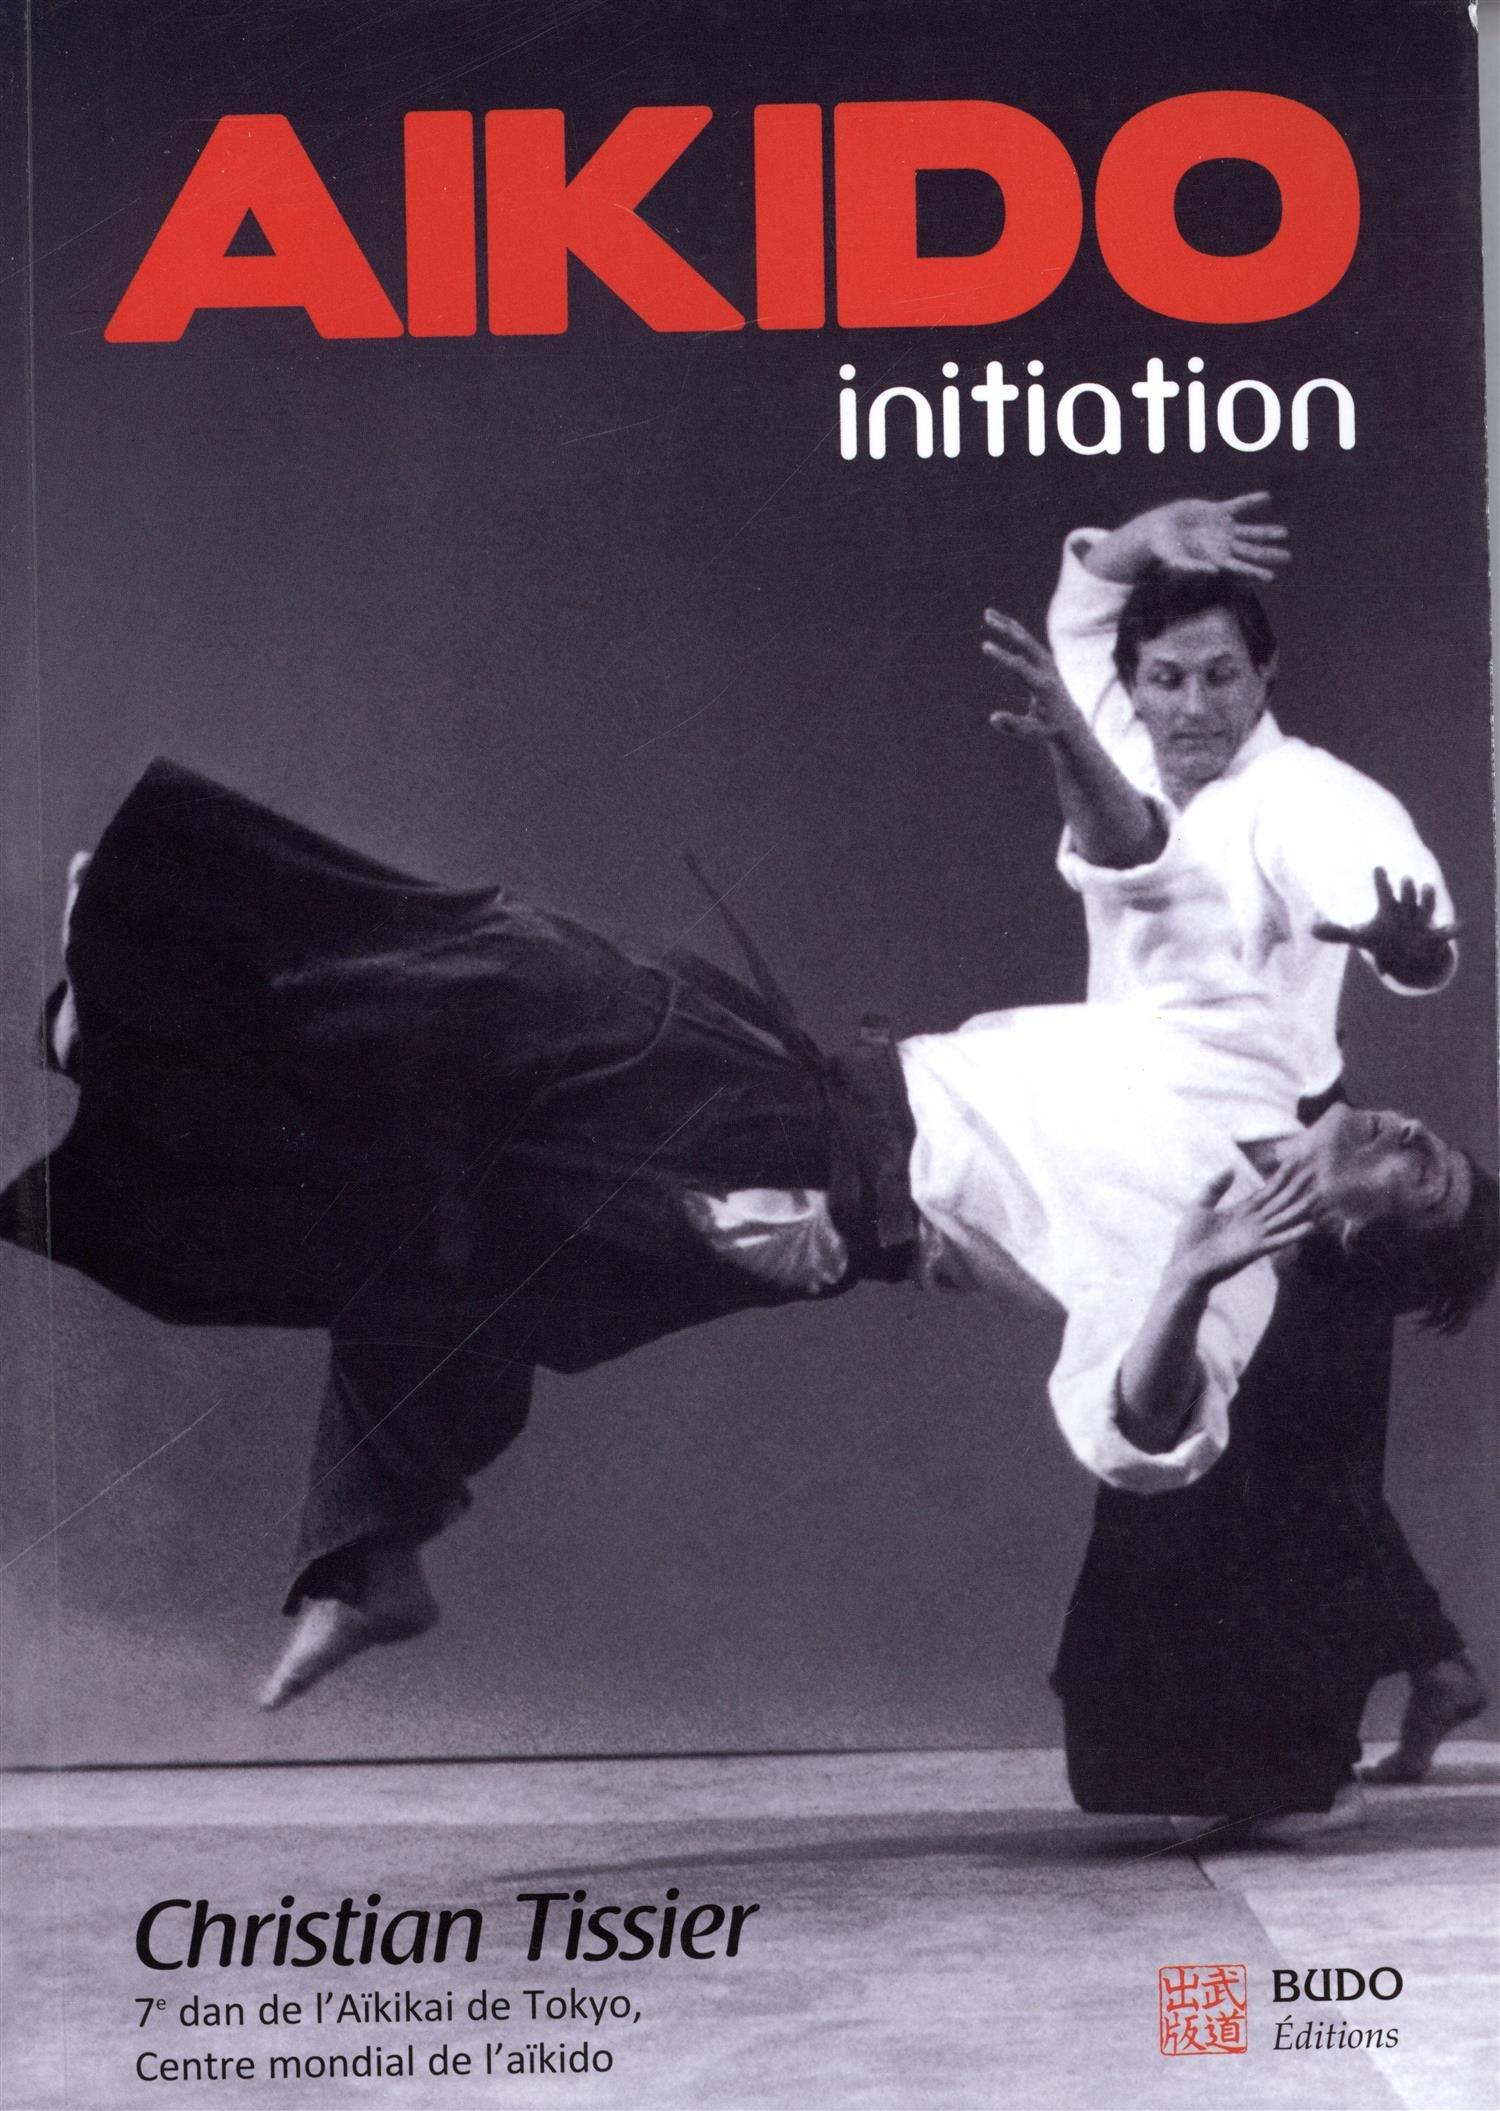 Aikido initiation Broché – 25 mars 2016 Christian Tissier Cadou Budo Editions 2846173745